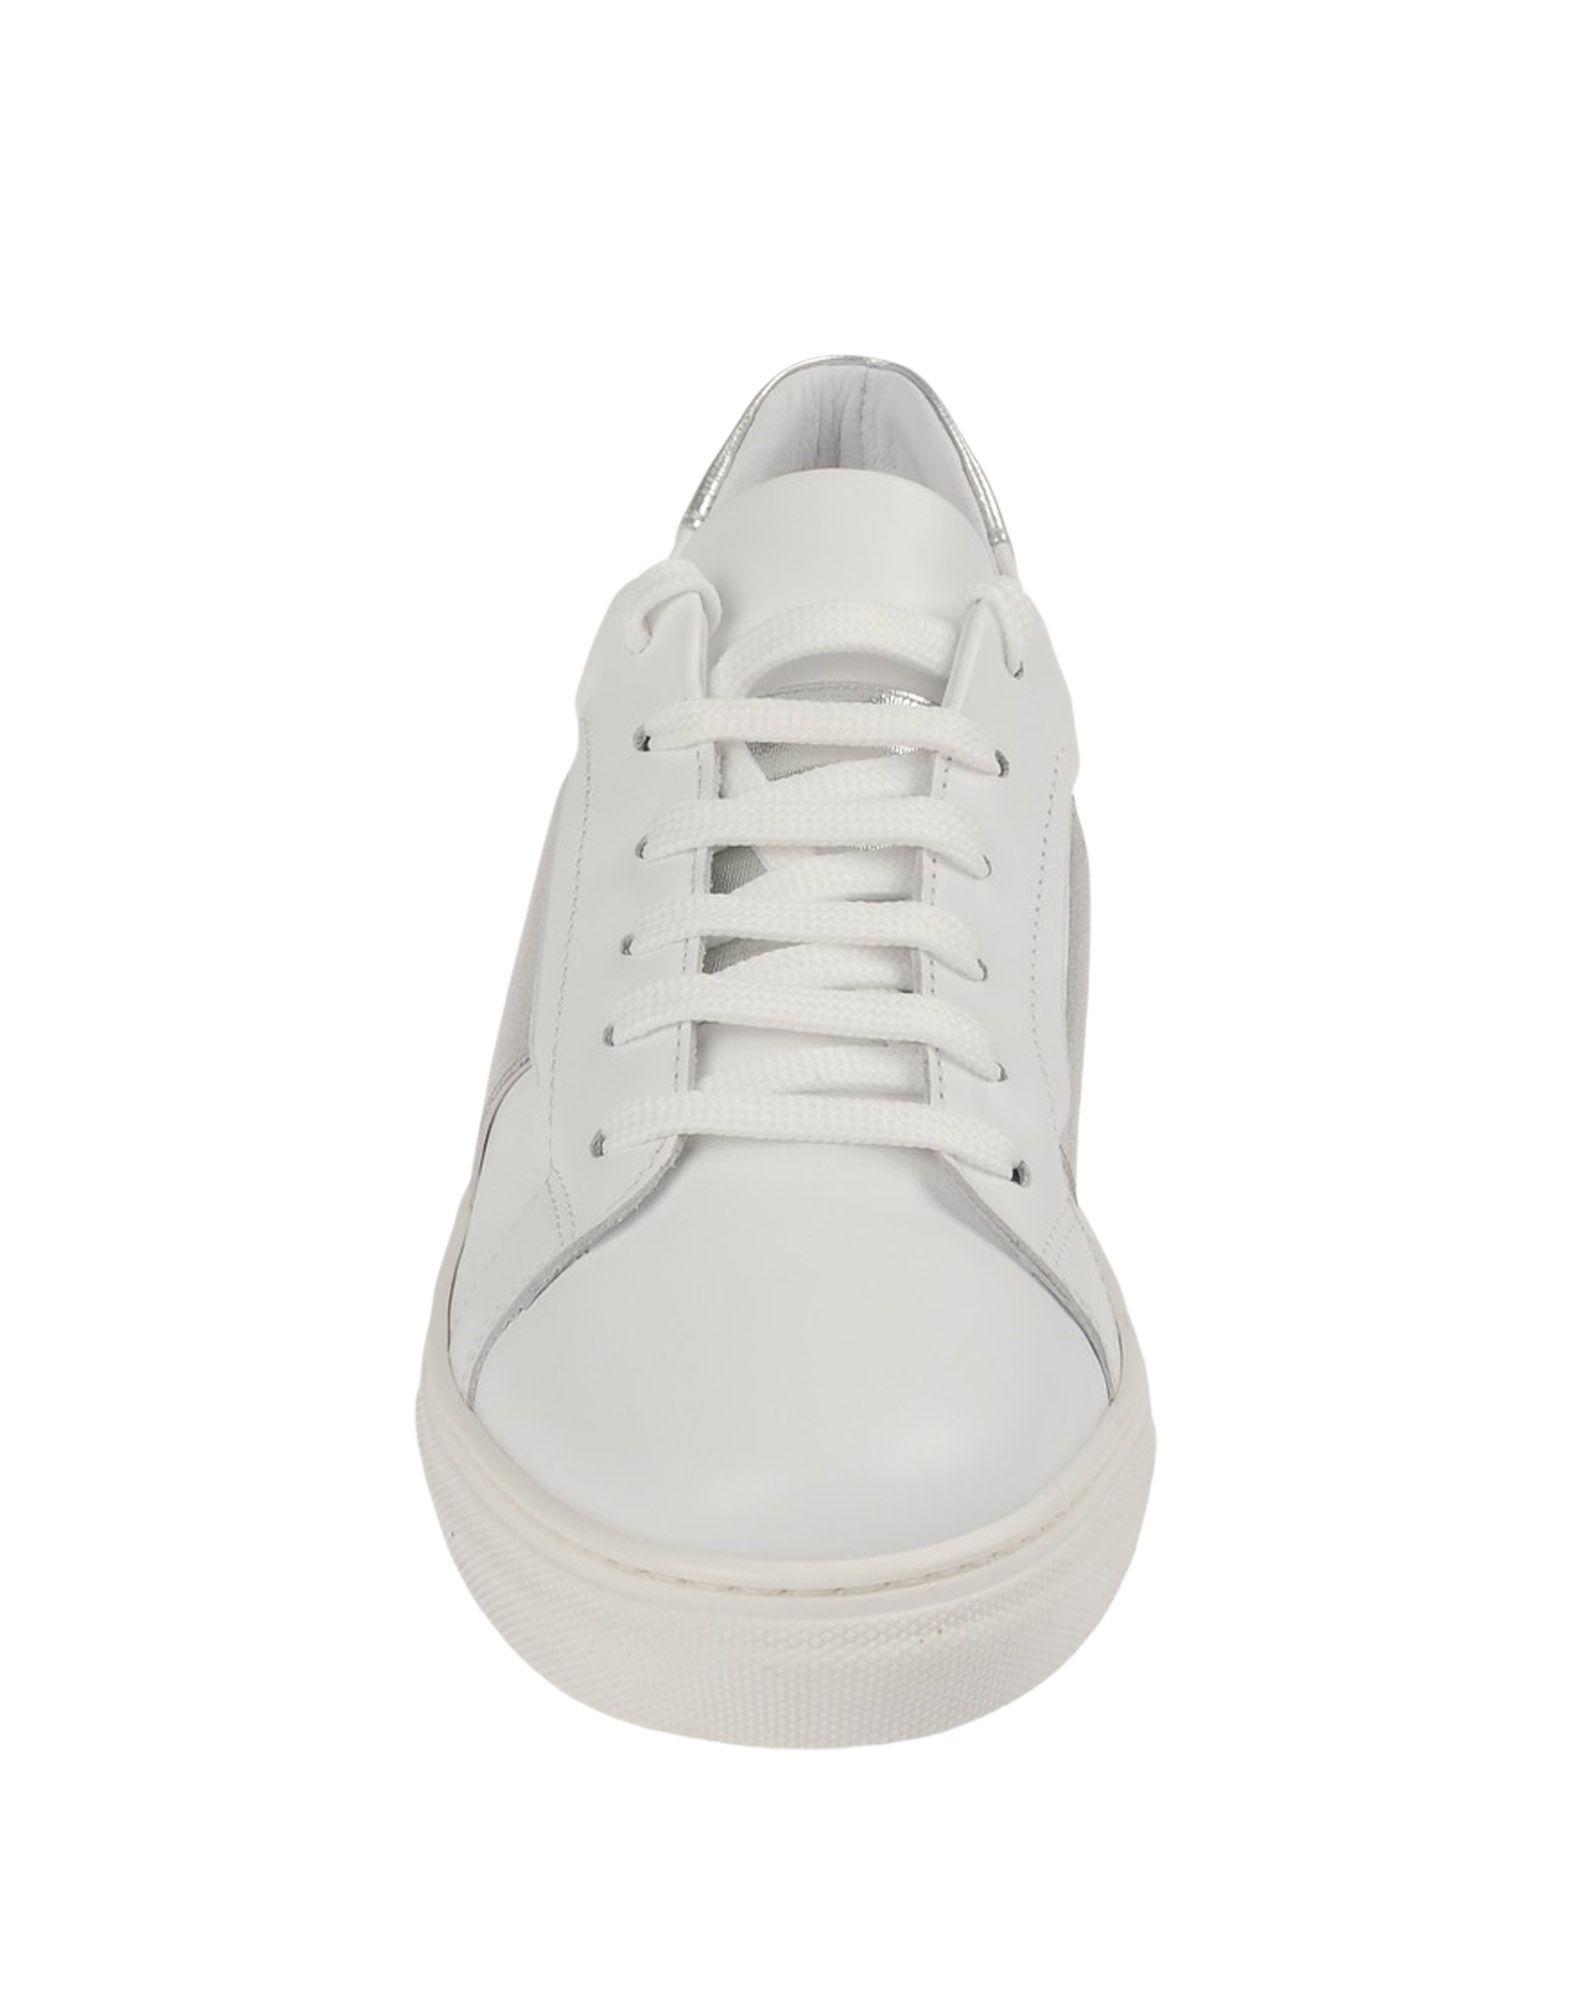 8 Sneakers Damen  11452718CG Heiße Schuhe Schuhe Heiße 7de365